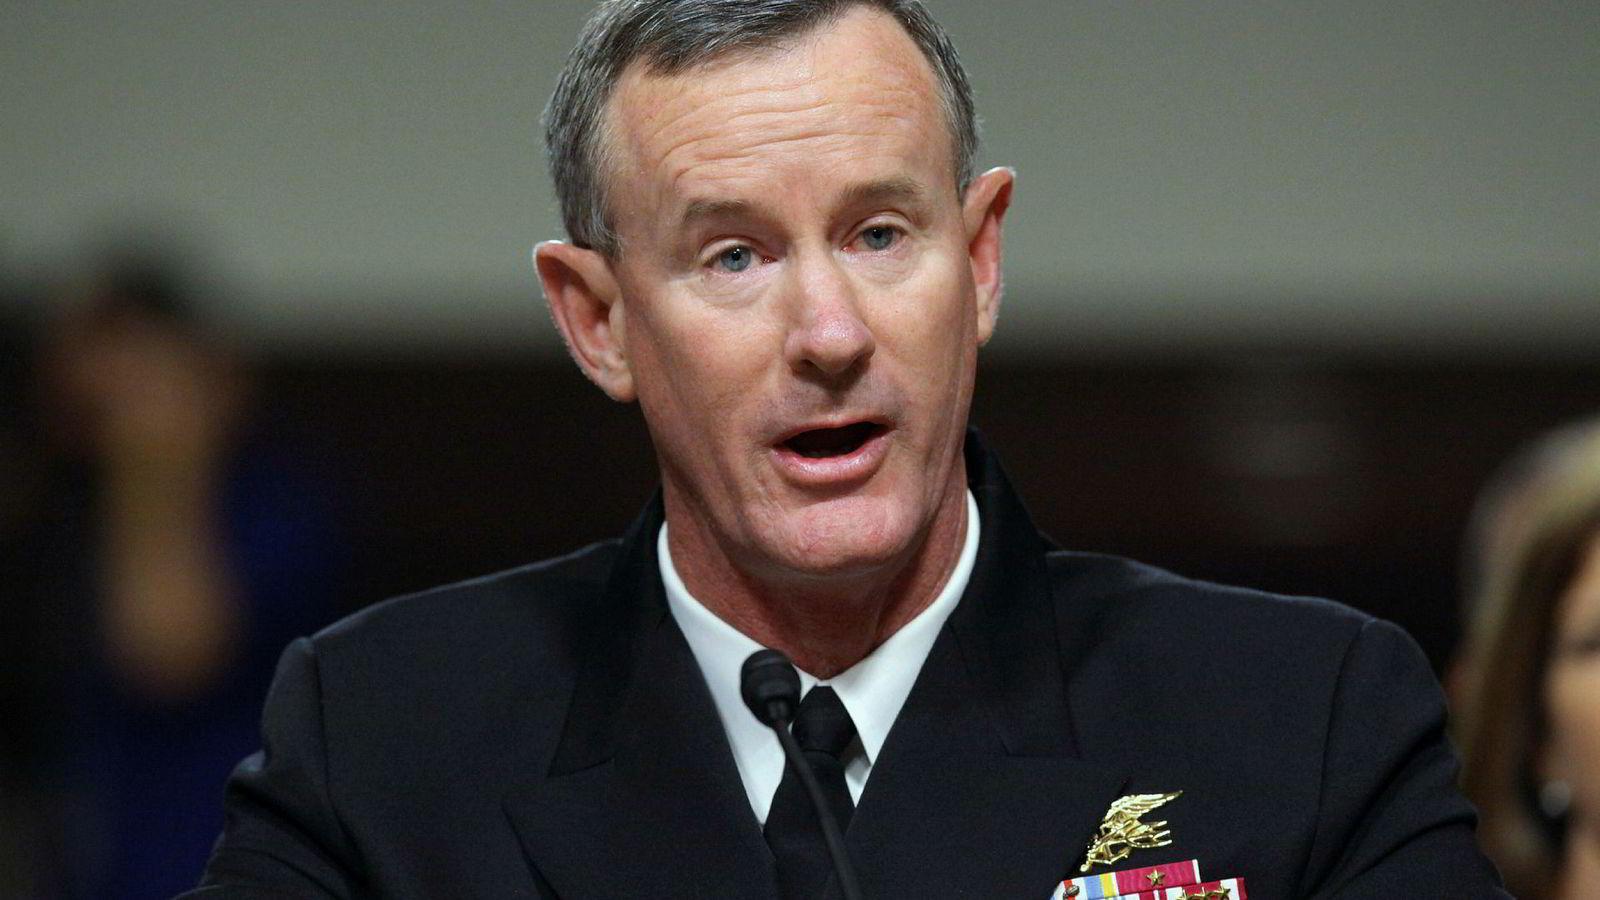 Pensjonert viseadmiral William McRaven har kritisert Trump-administrasjonen. Det lar ikke Donald Trump la gå upåaktet hen.